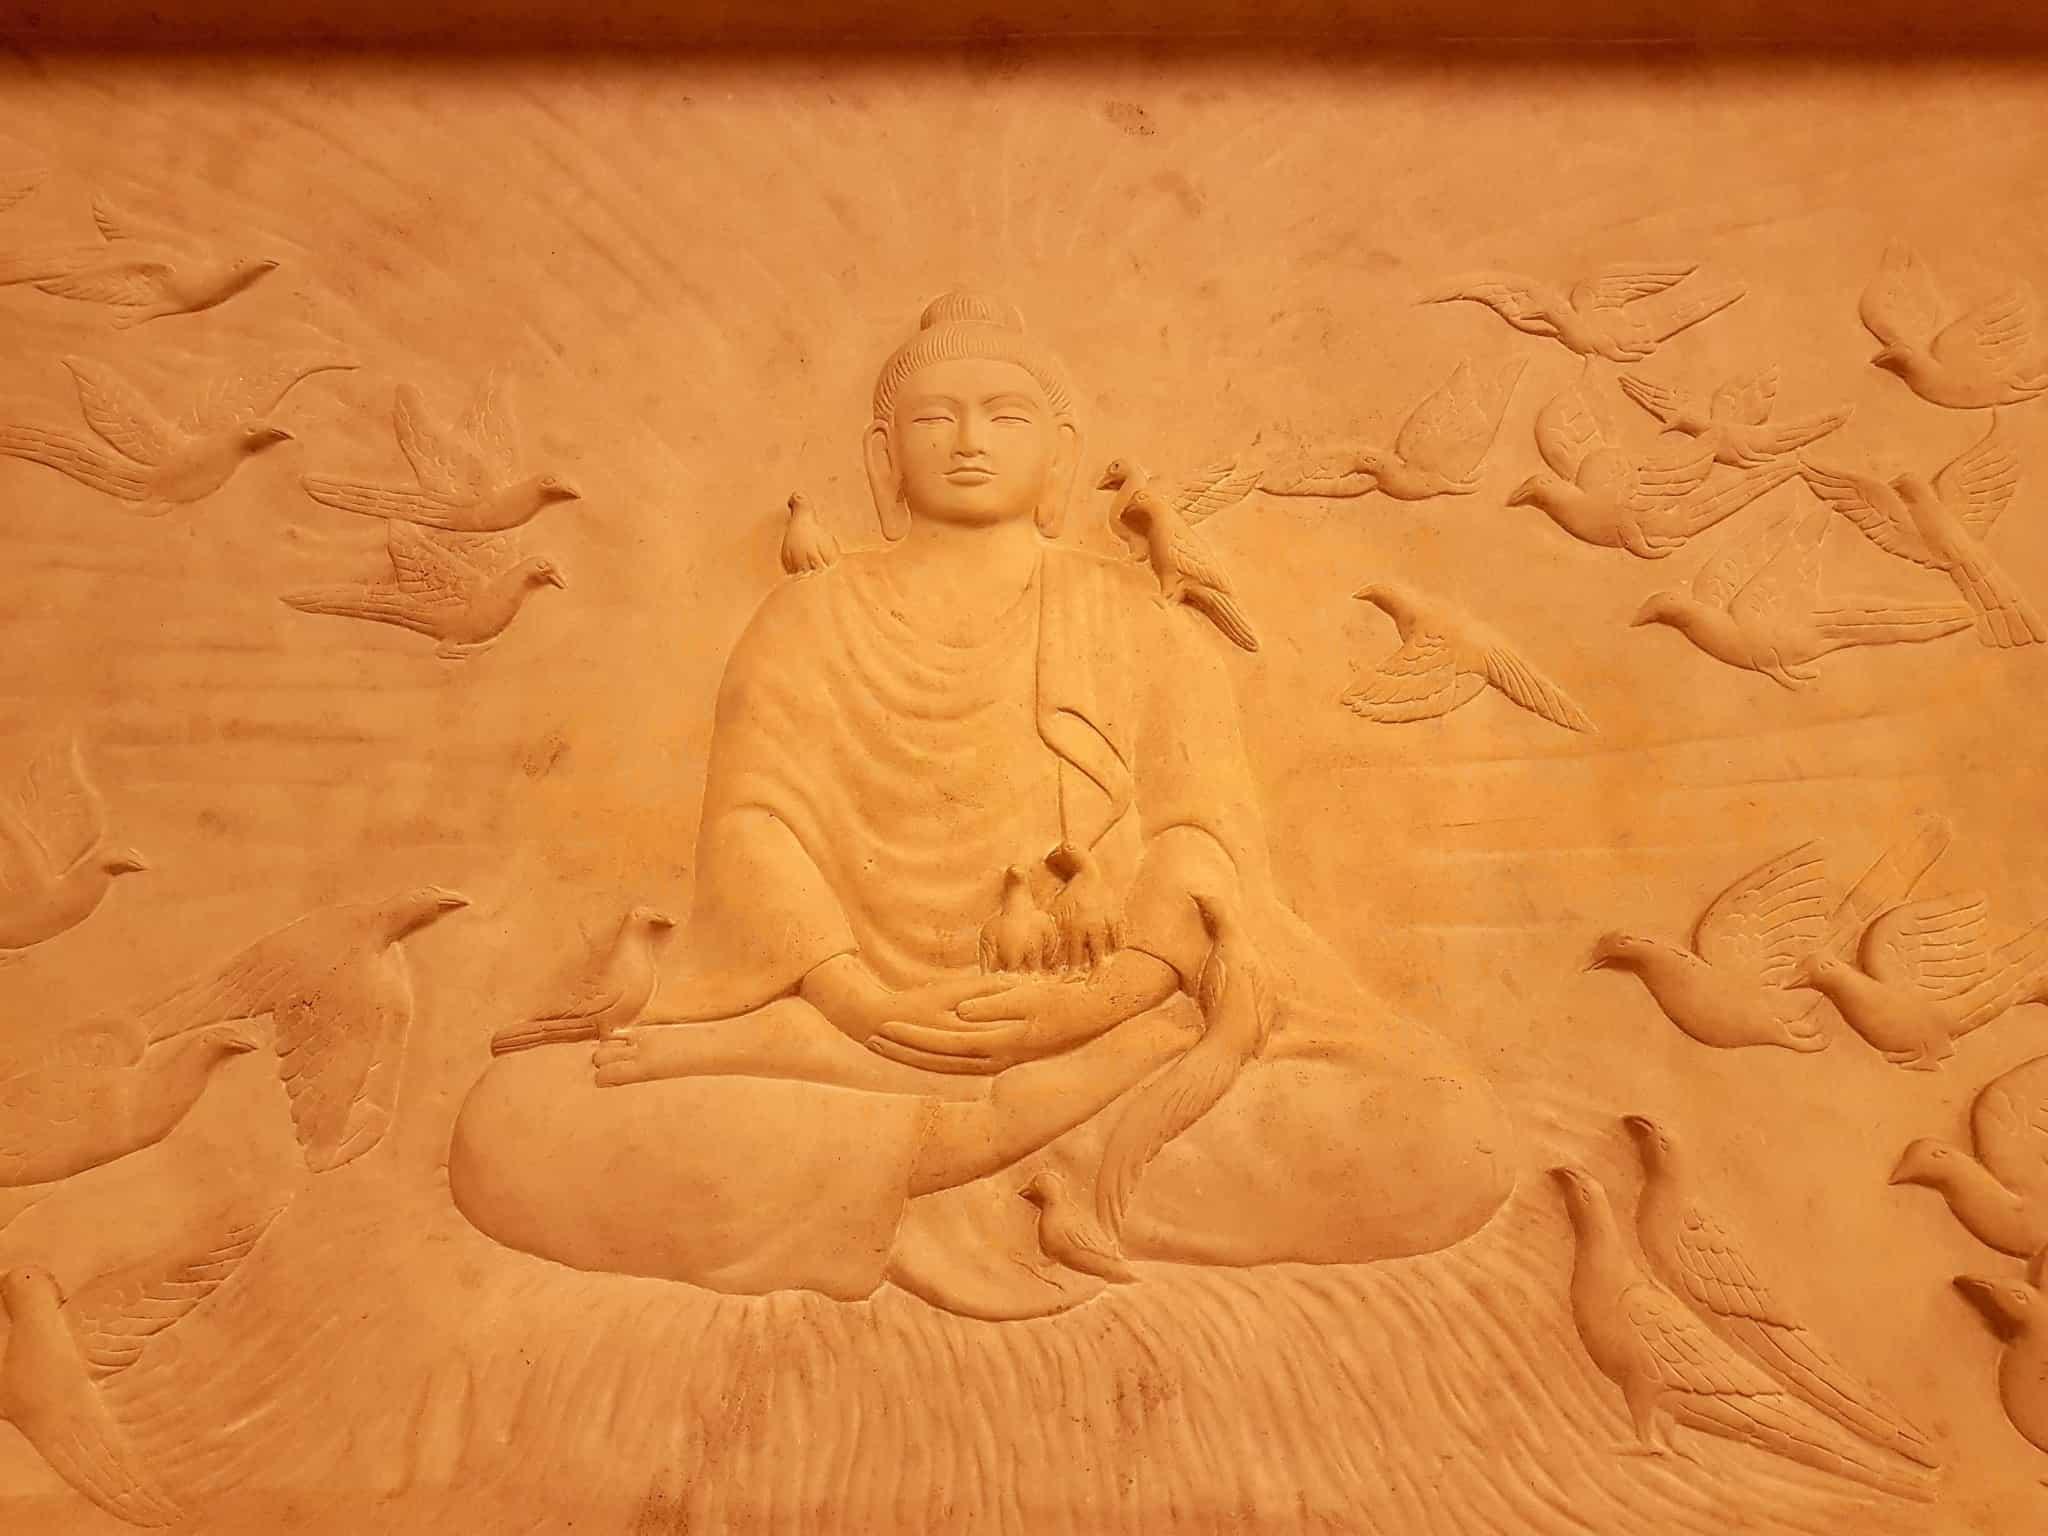 Vietnam, l'incontournable temple de Bai Dinh aux 500 statues 🛕 34